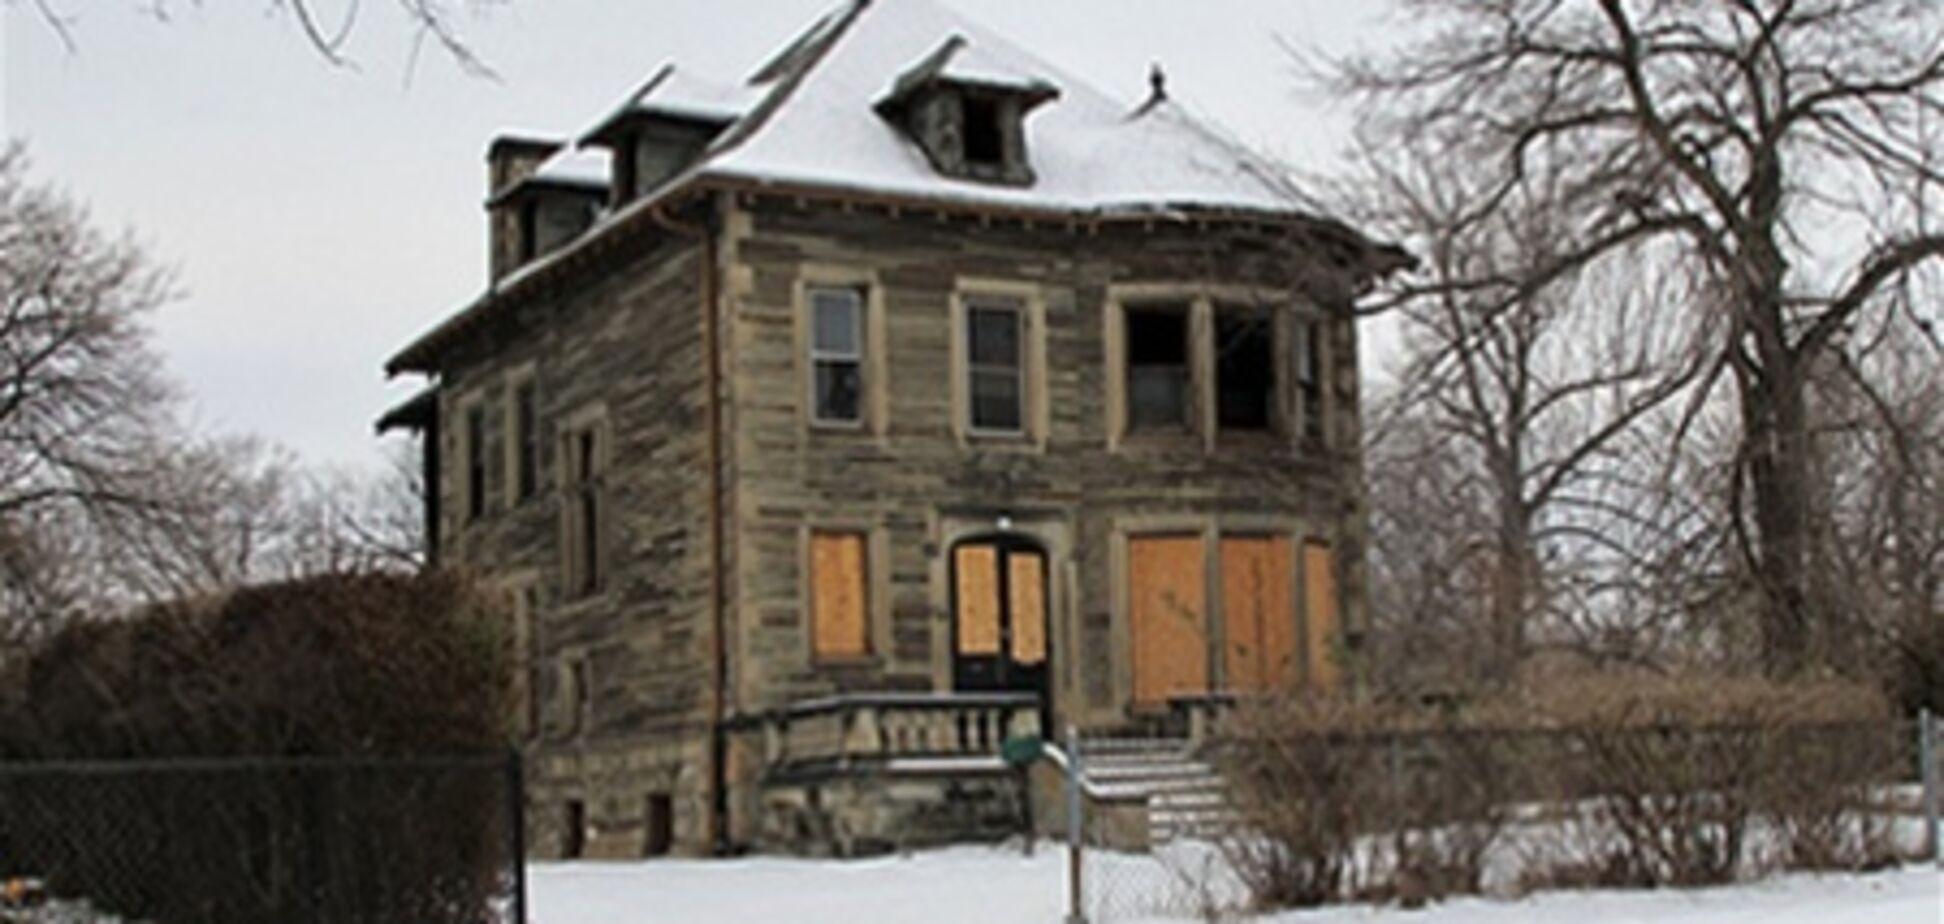 В США за $900 выставлен на продажу заложенный за долги дом